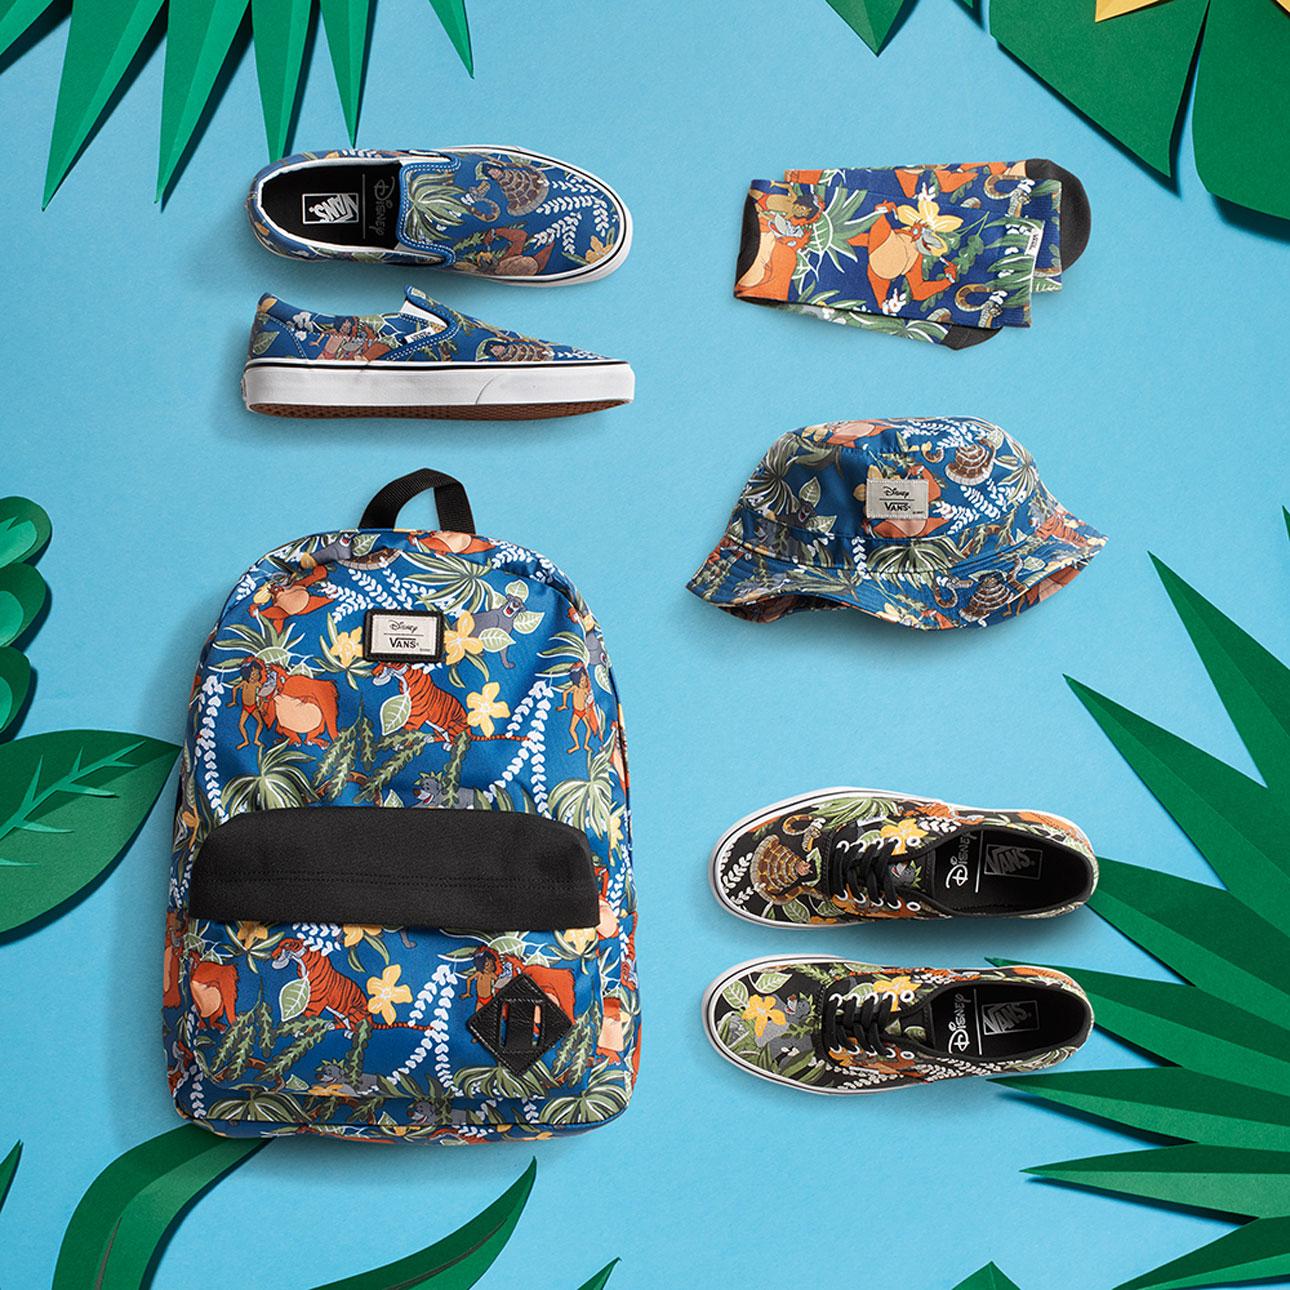 Vans Disney jungle book set